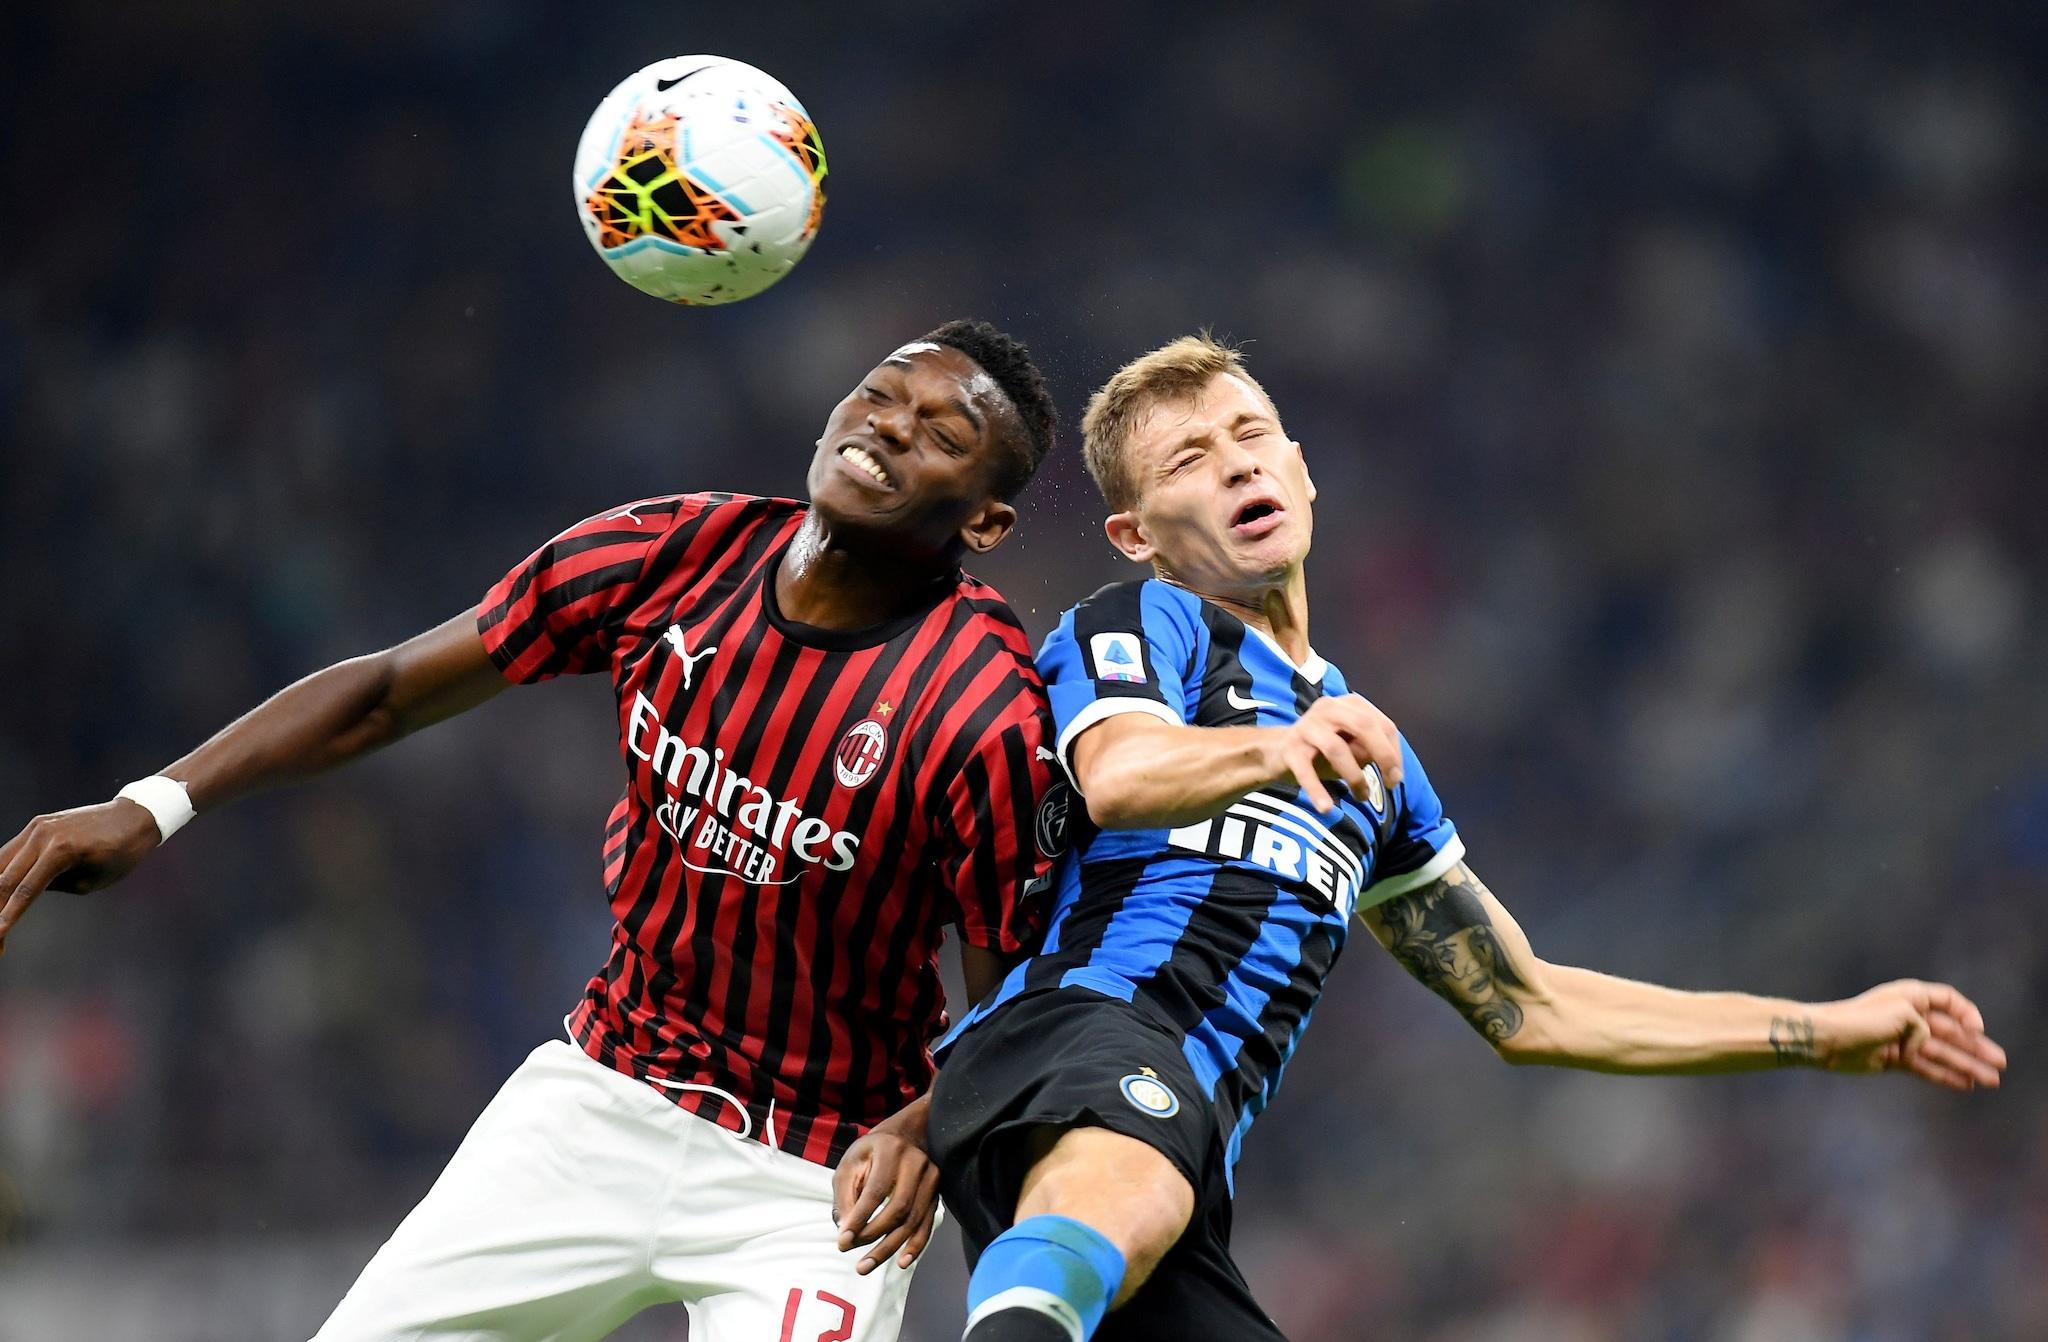 Tribunale accoglie ricorso dellaLega Serie A, ingiunzione a Sky